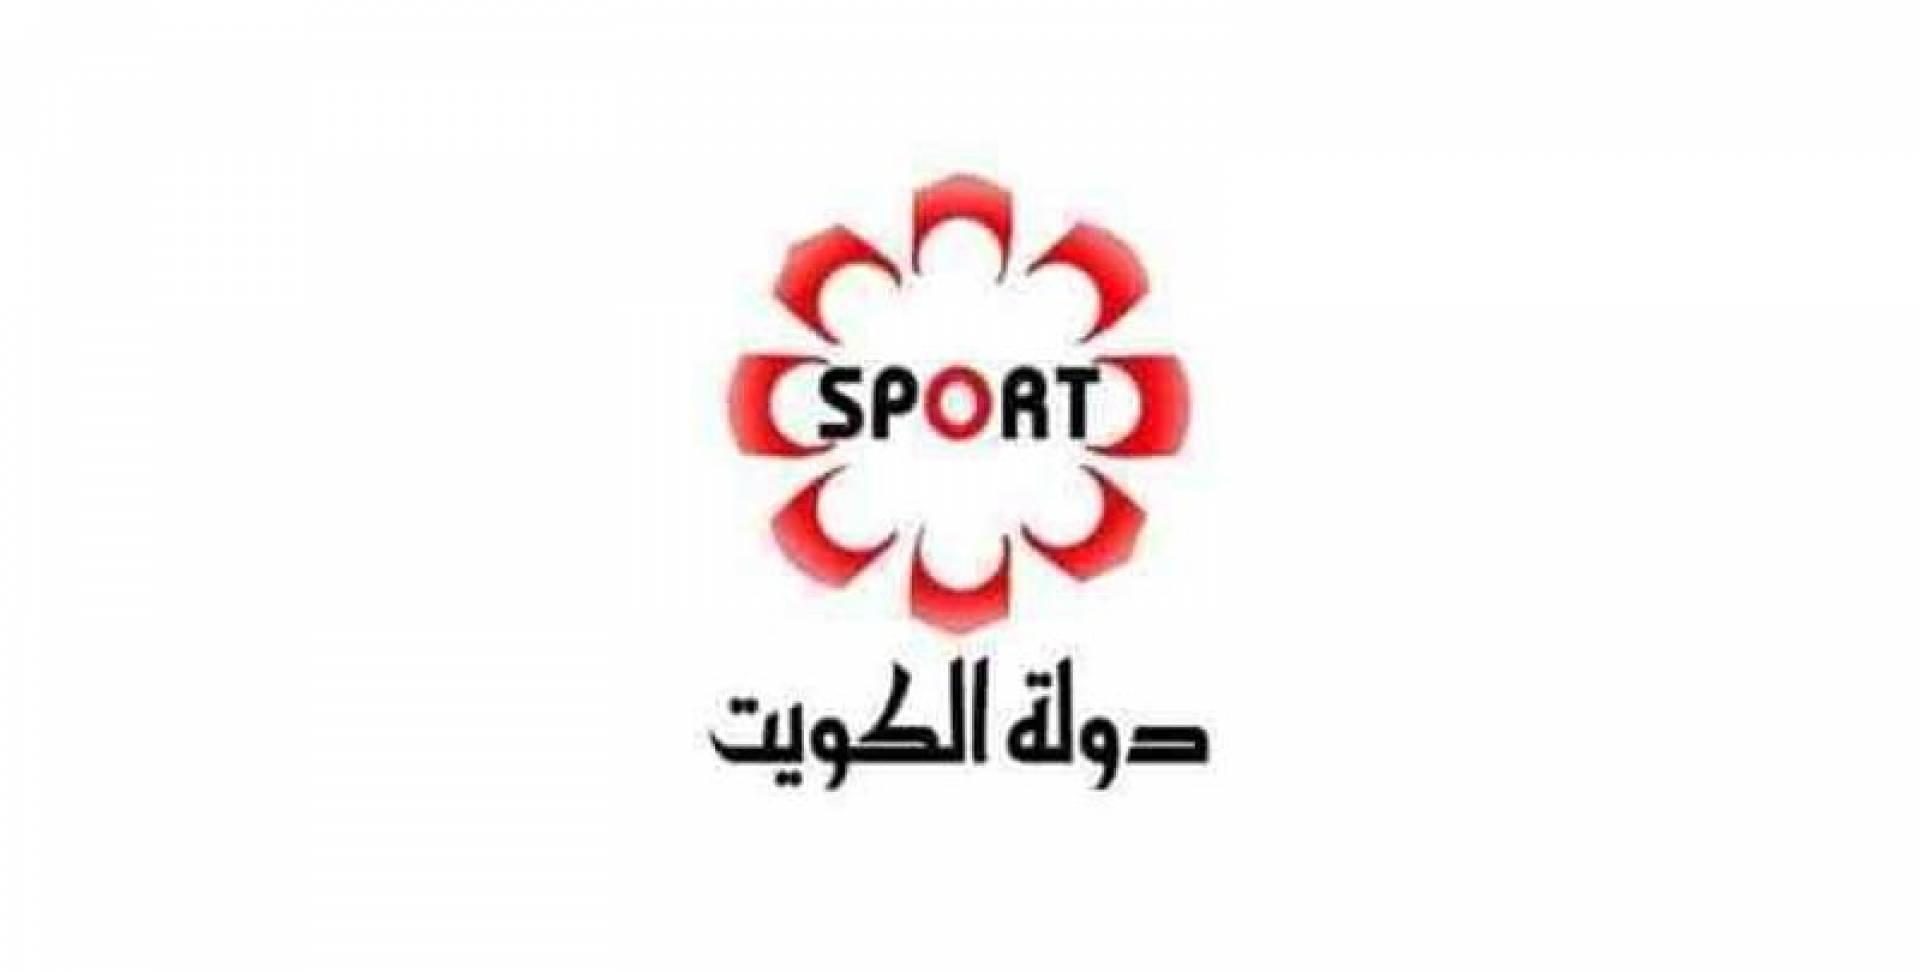 عطاالله: «كويت سبورت» تحصَّلت على حقوق بث المباريات